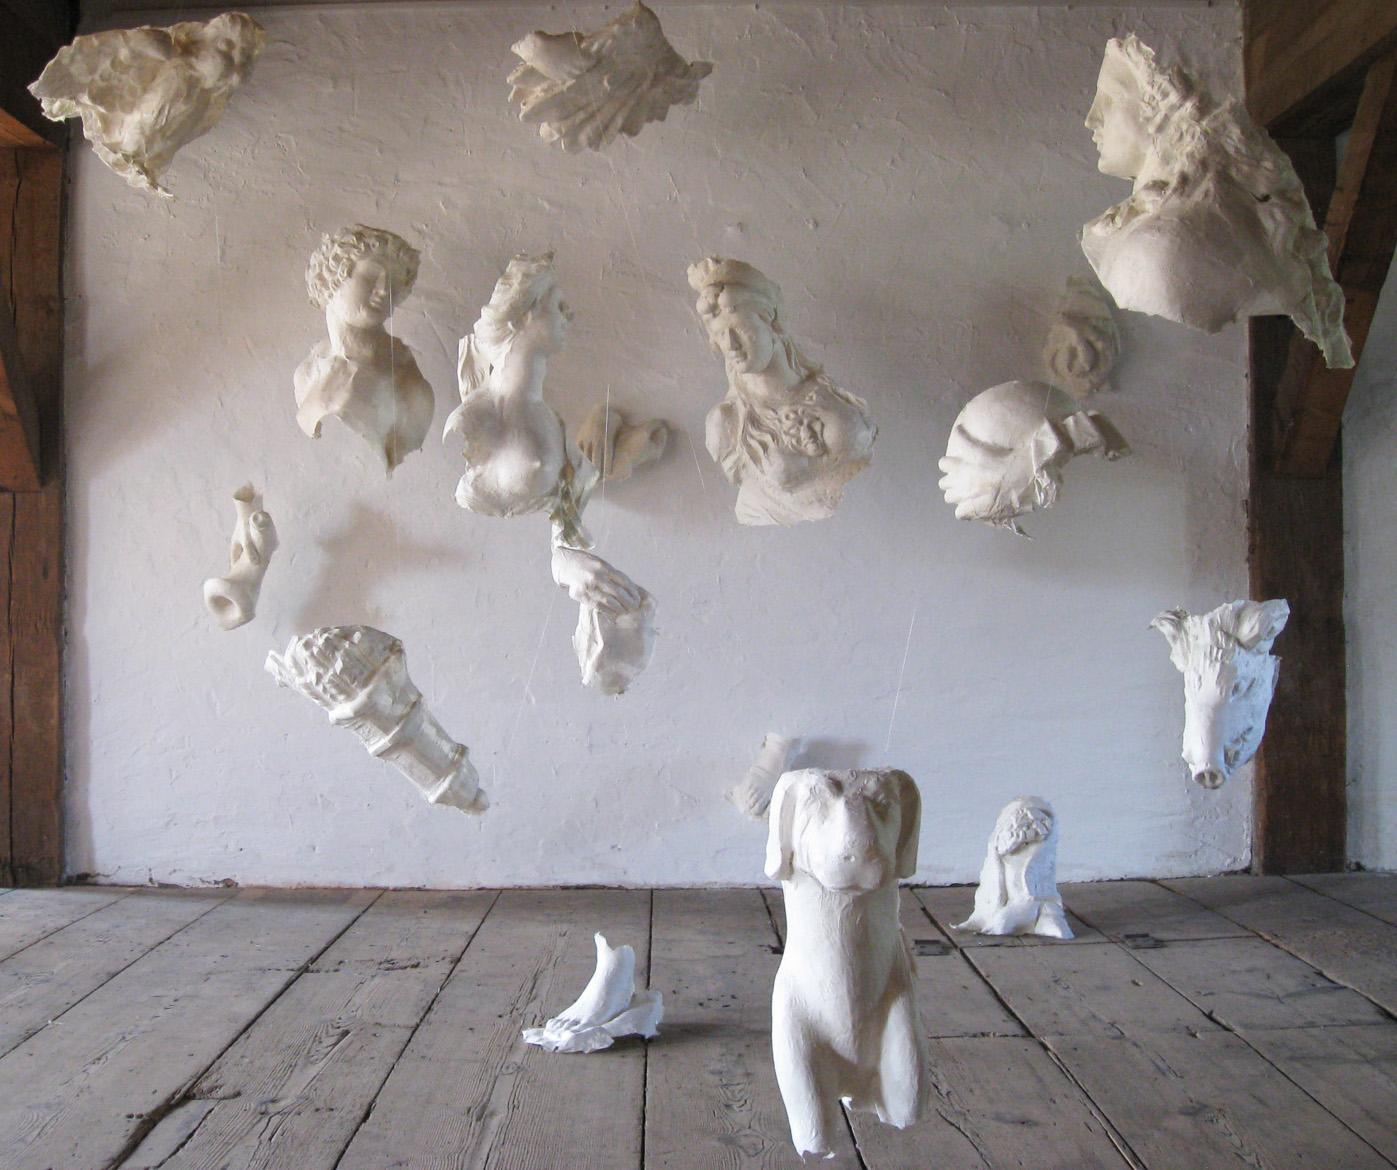 Astrid Weichelt - Relikte der Vergangenheit in Papier geformt